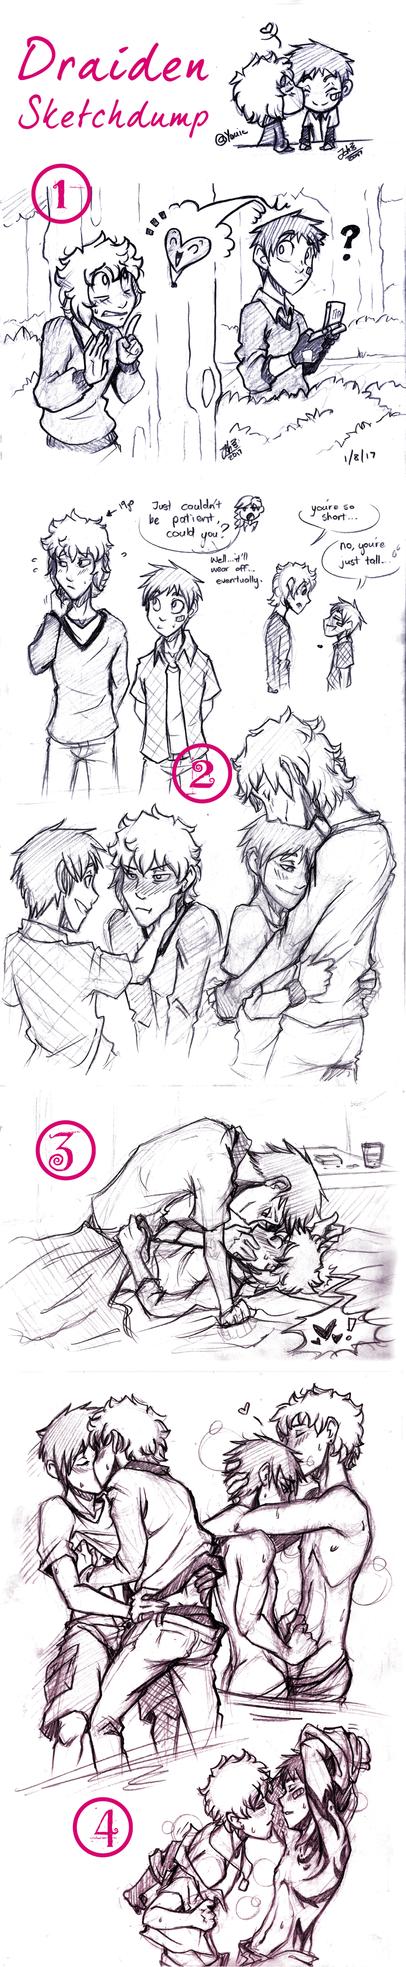 Draiden Sketch Dumparoo by AbnormallyNice